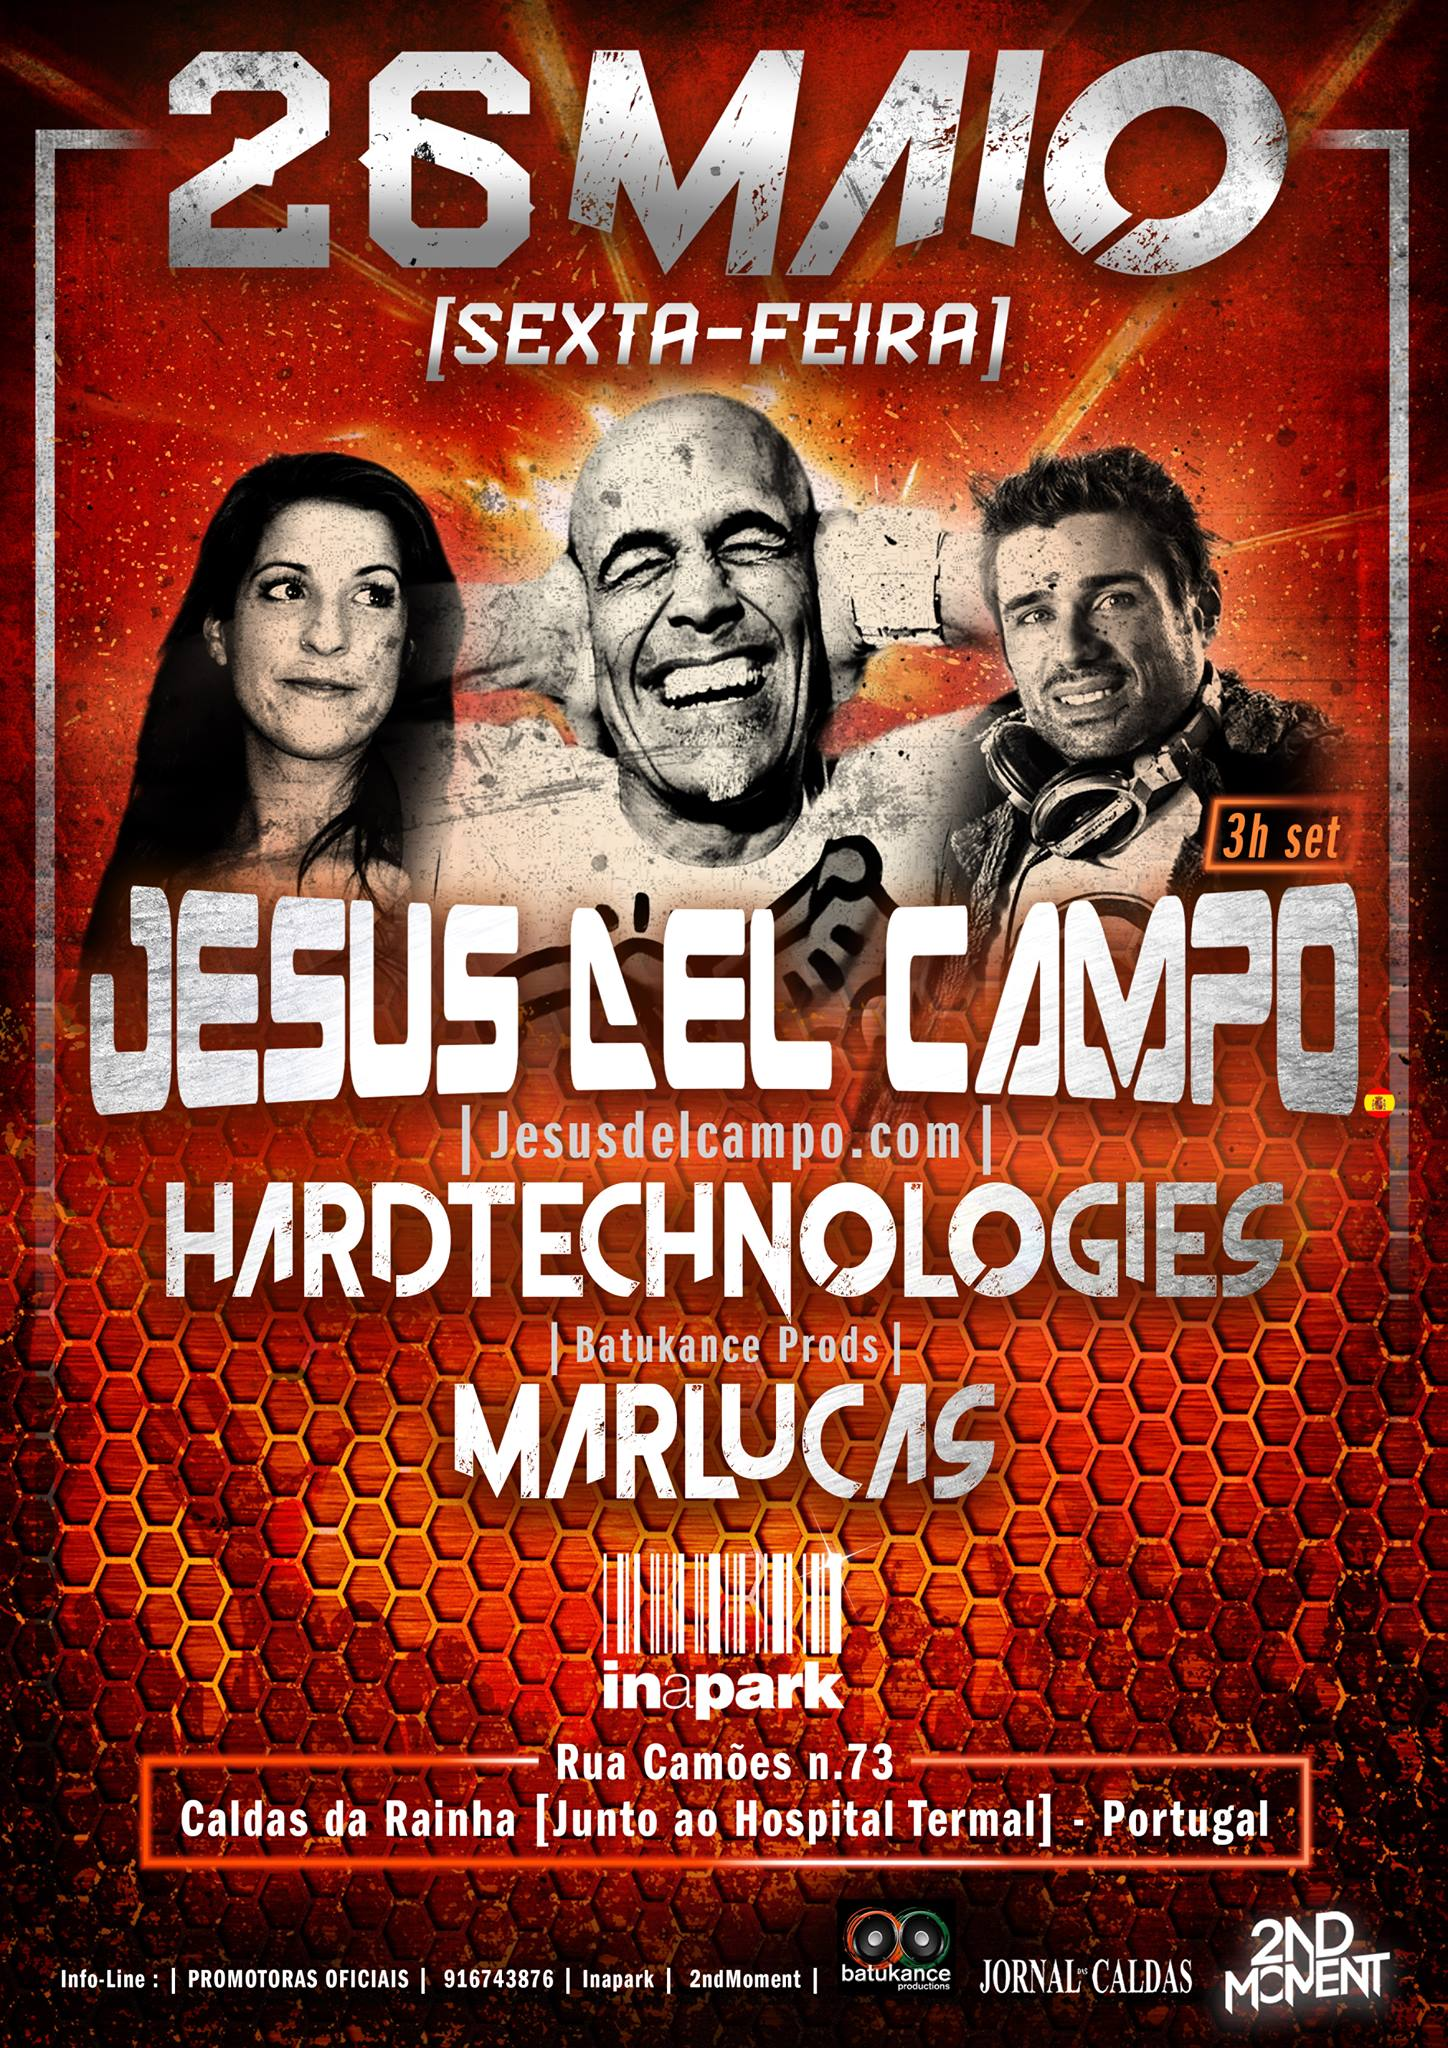 flyer Inapark 26 may 2017 jesus del campo